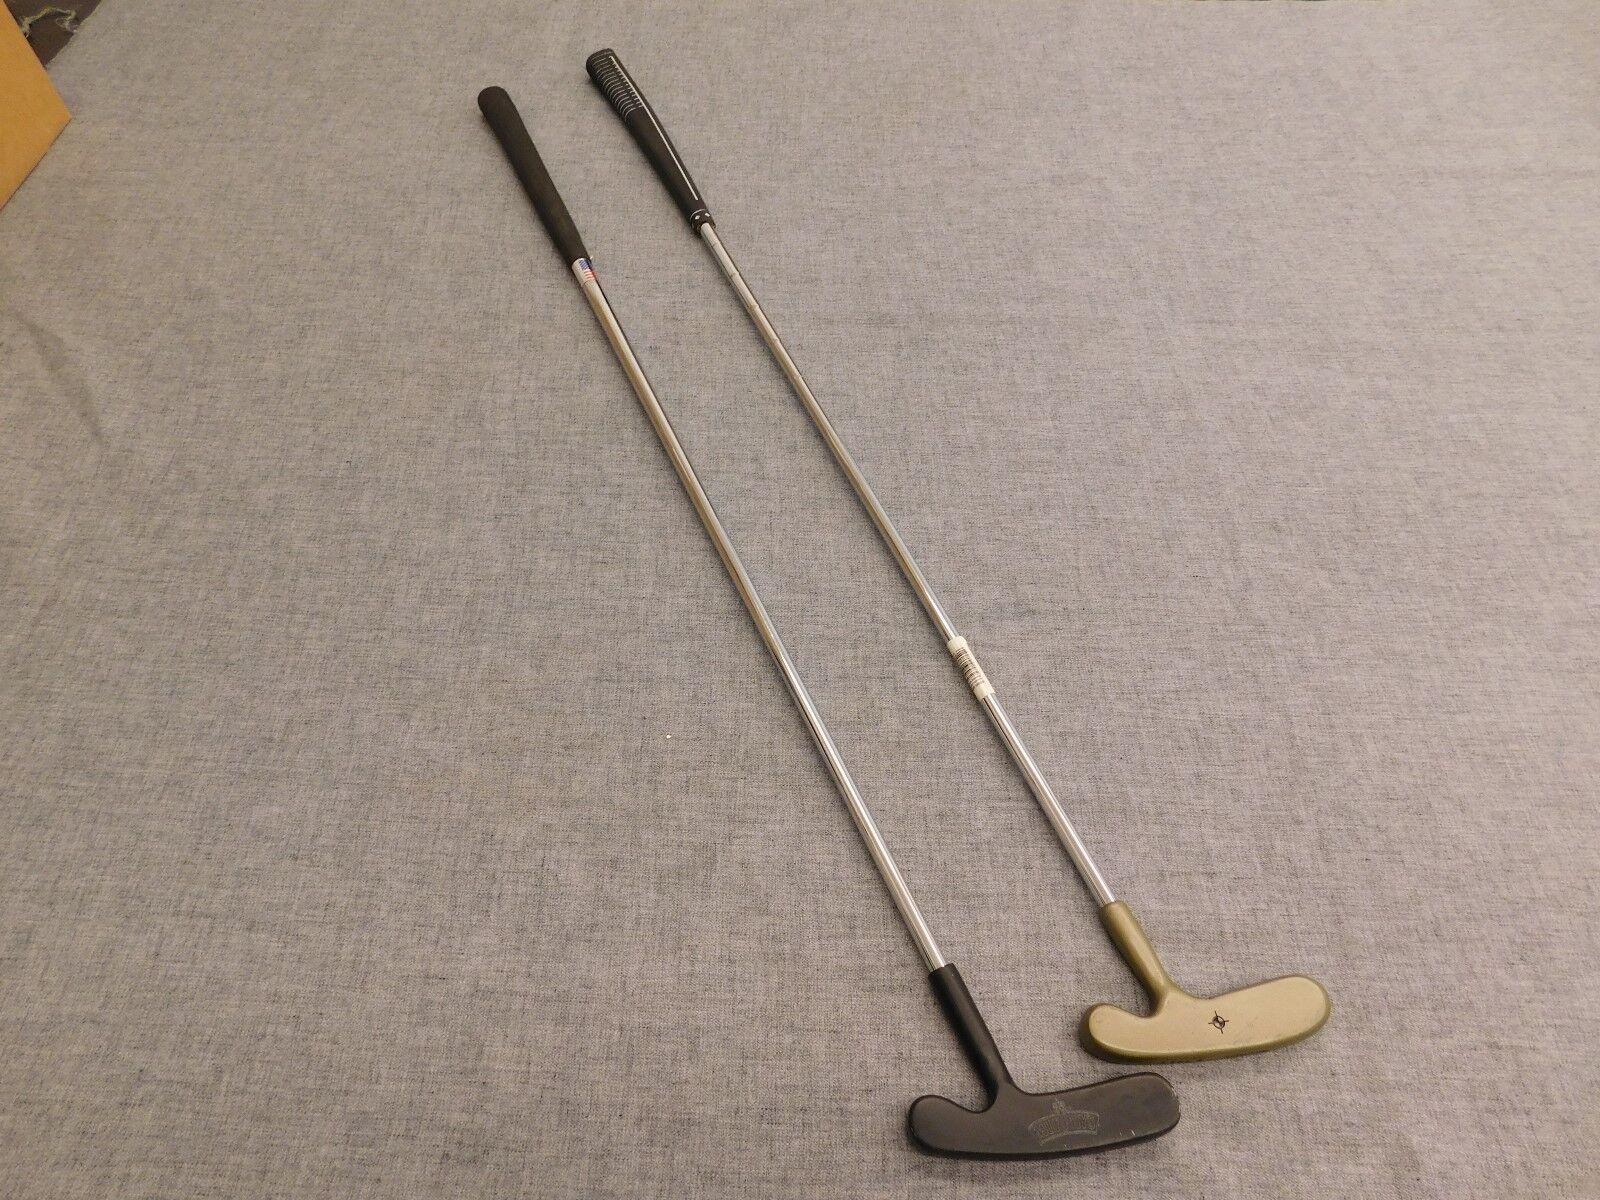 MacGregor Doble Hoja 35.5 , Murphy's 35   Putter conjunto Eje de acero agarre de plástico  Seleccione de las marcas más nuevas como